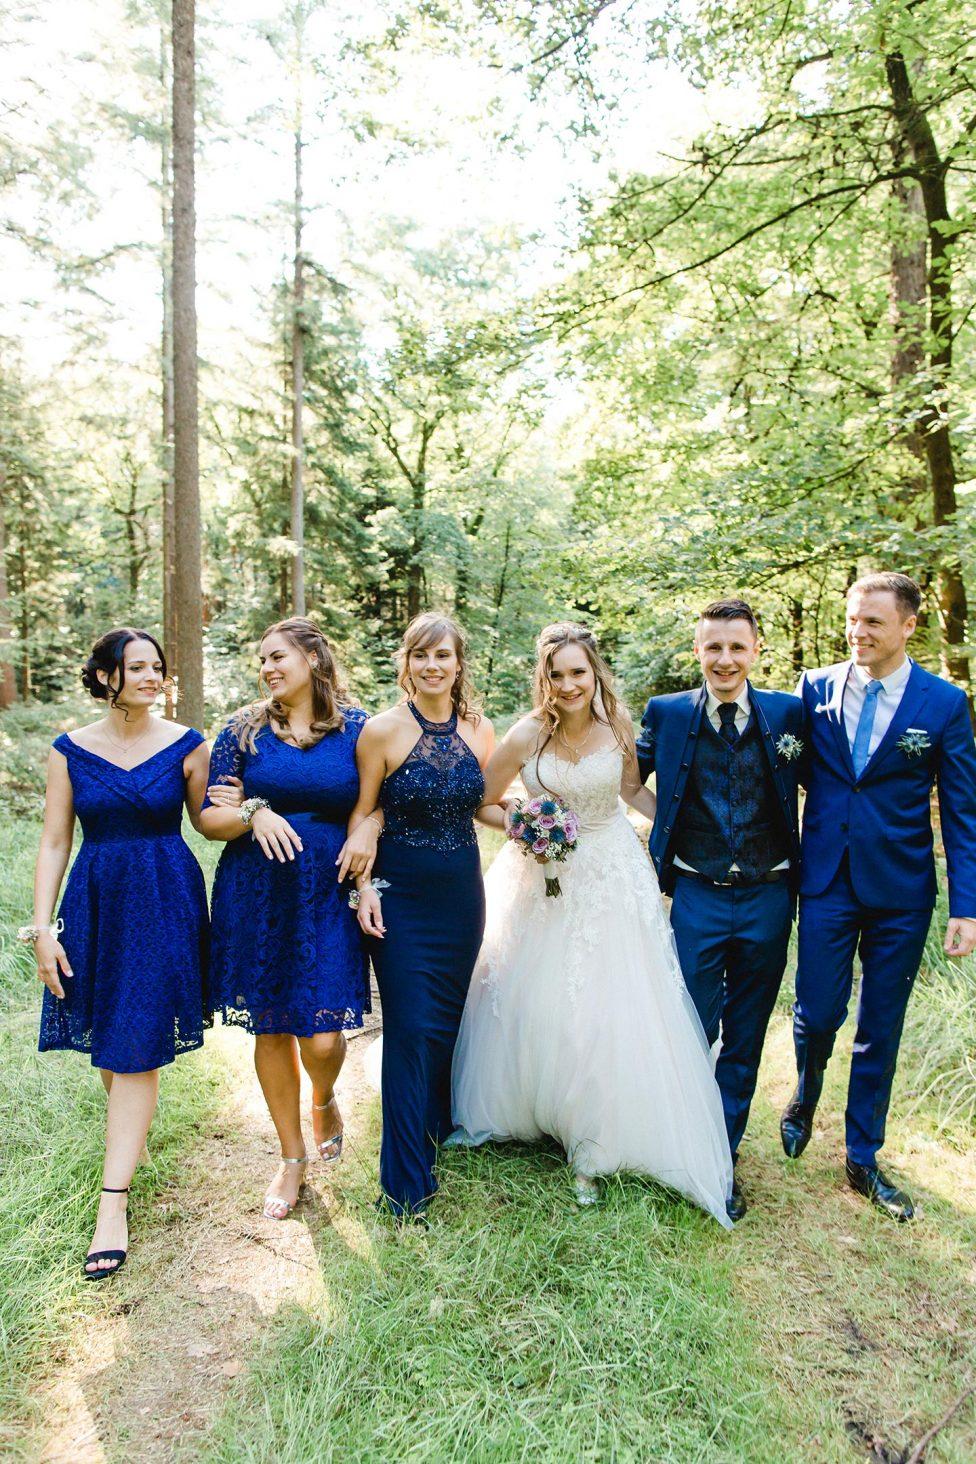 Sarah & Michael: Rittergut Valenbrook Hochzeit im schottischen Flair